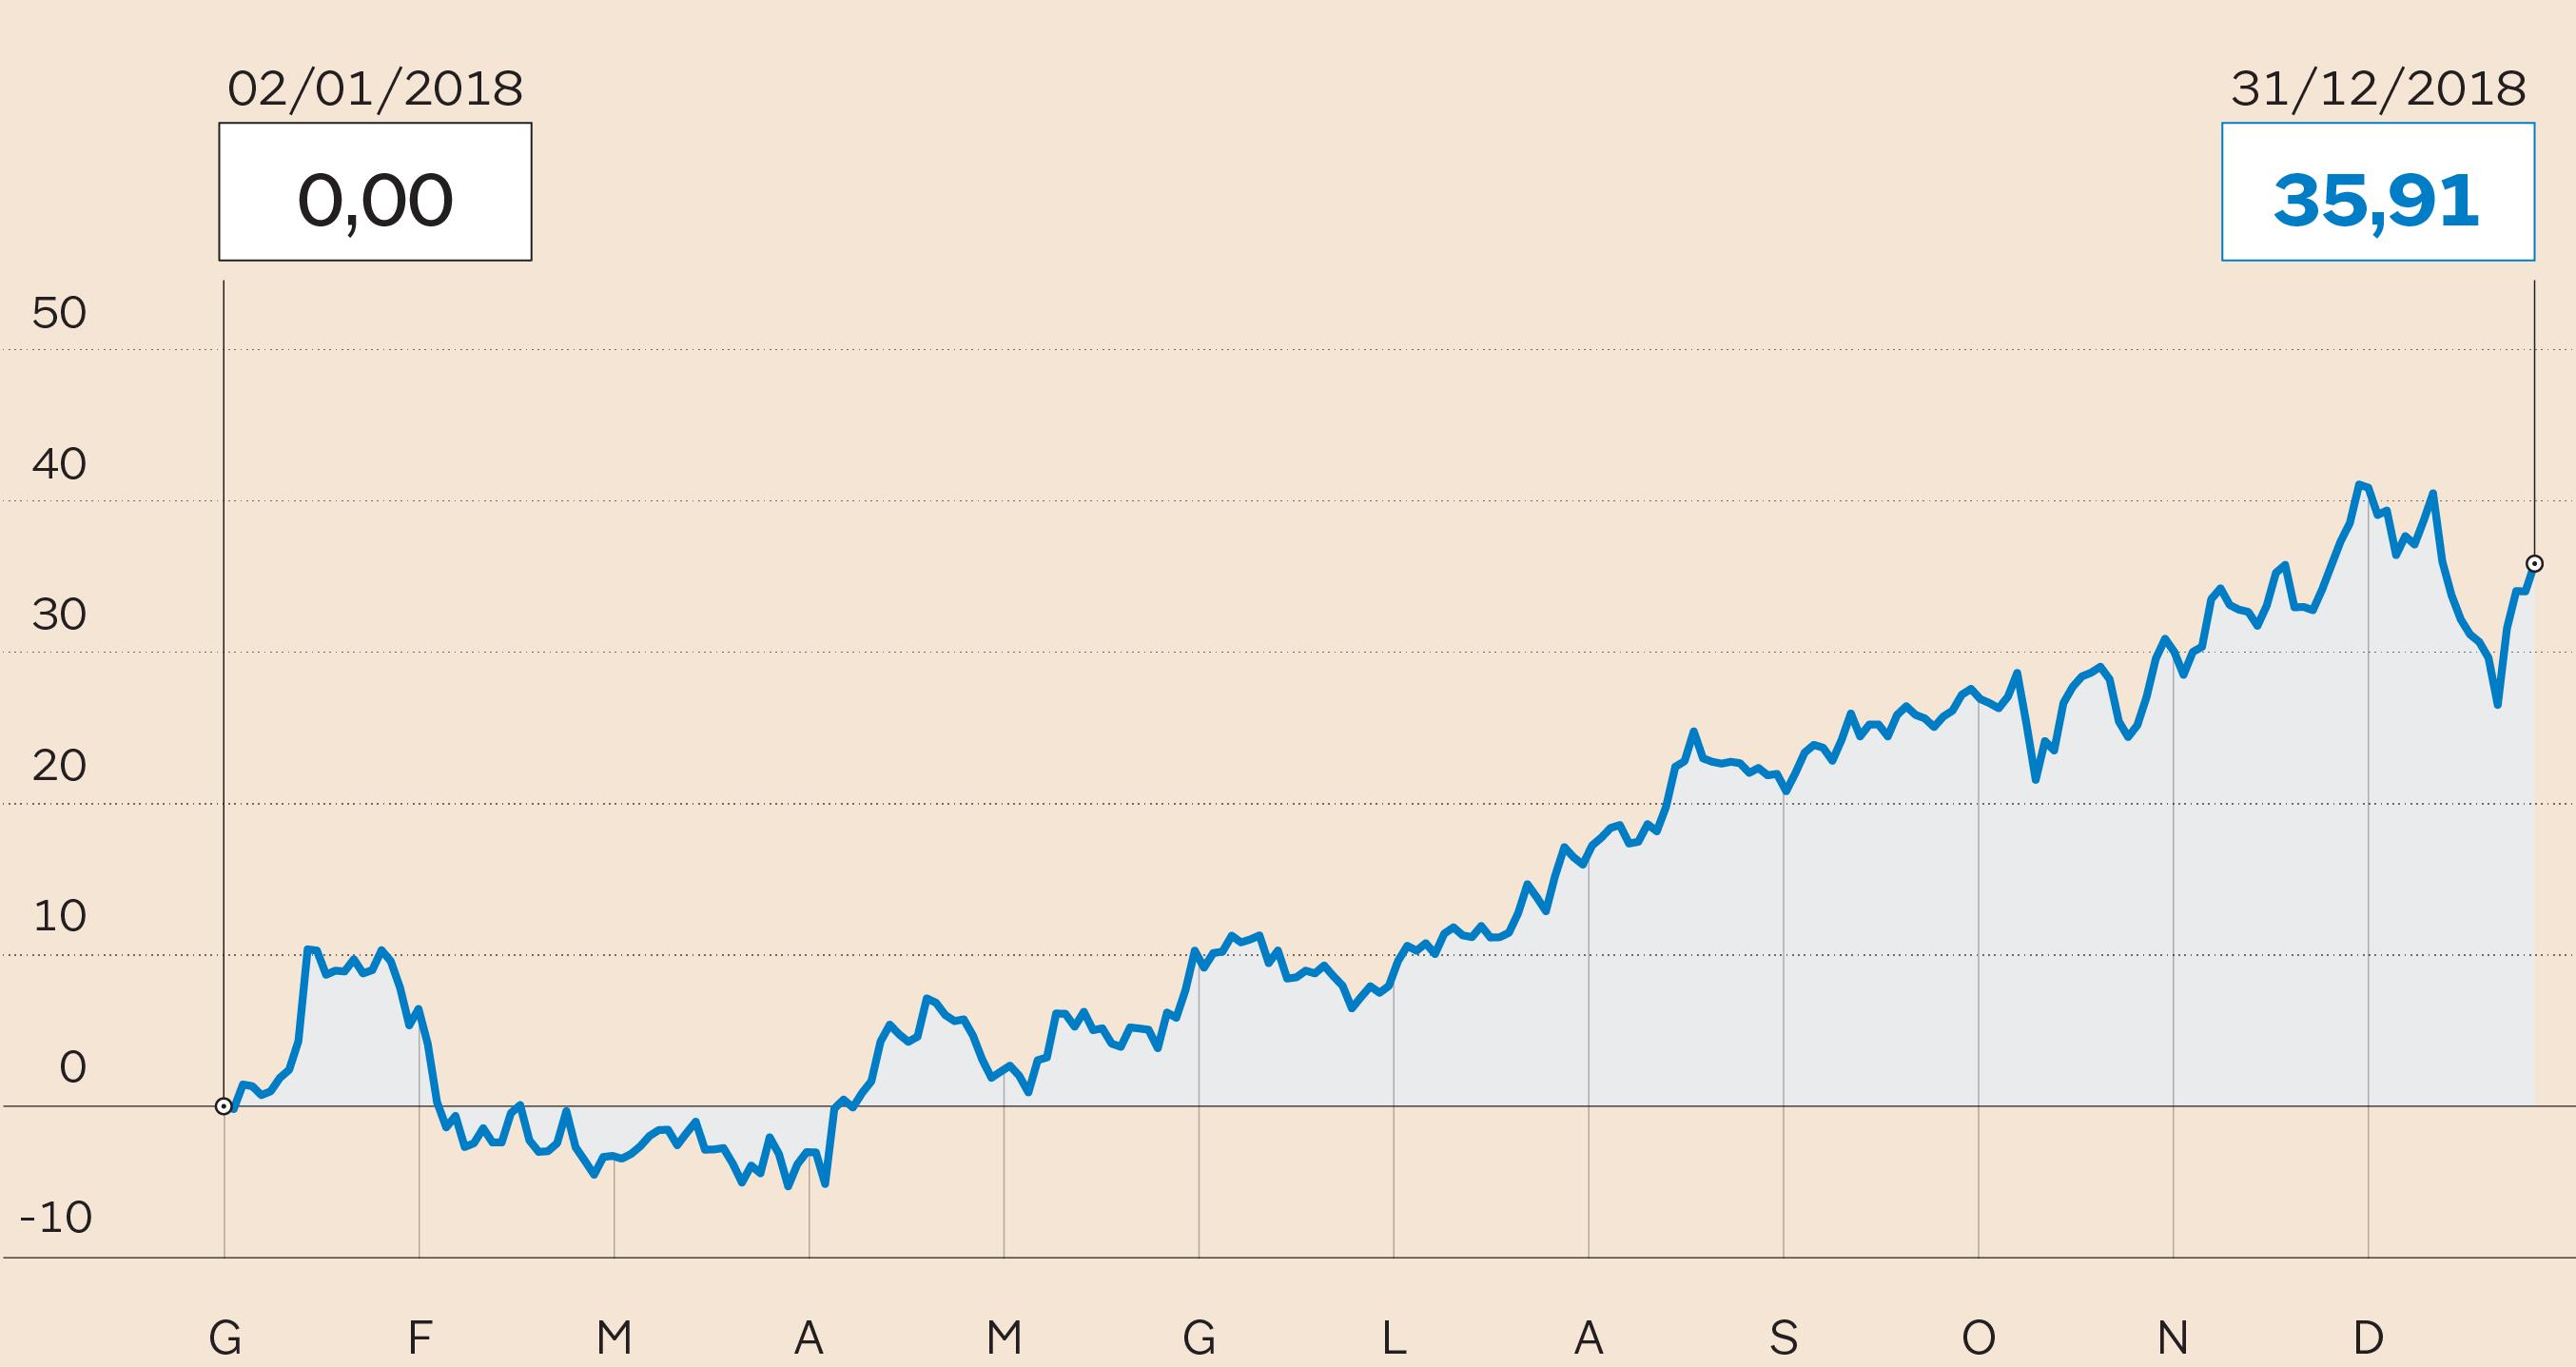 f11c22e986 IL TITOLO MERCK IN BORSA Performance a un anno (Fonte: S&P Market  Intelligence)